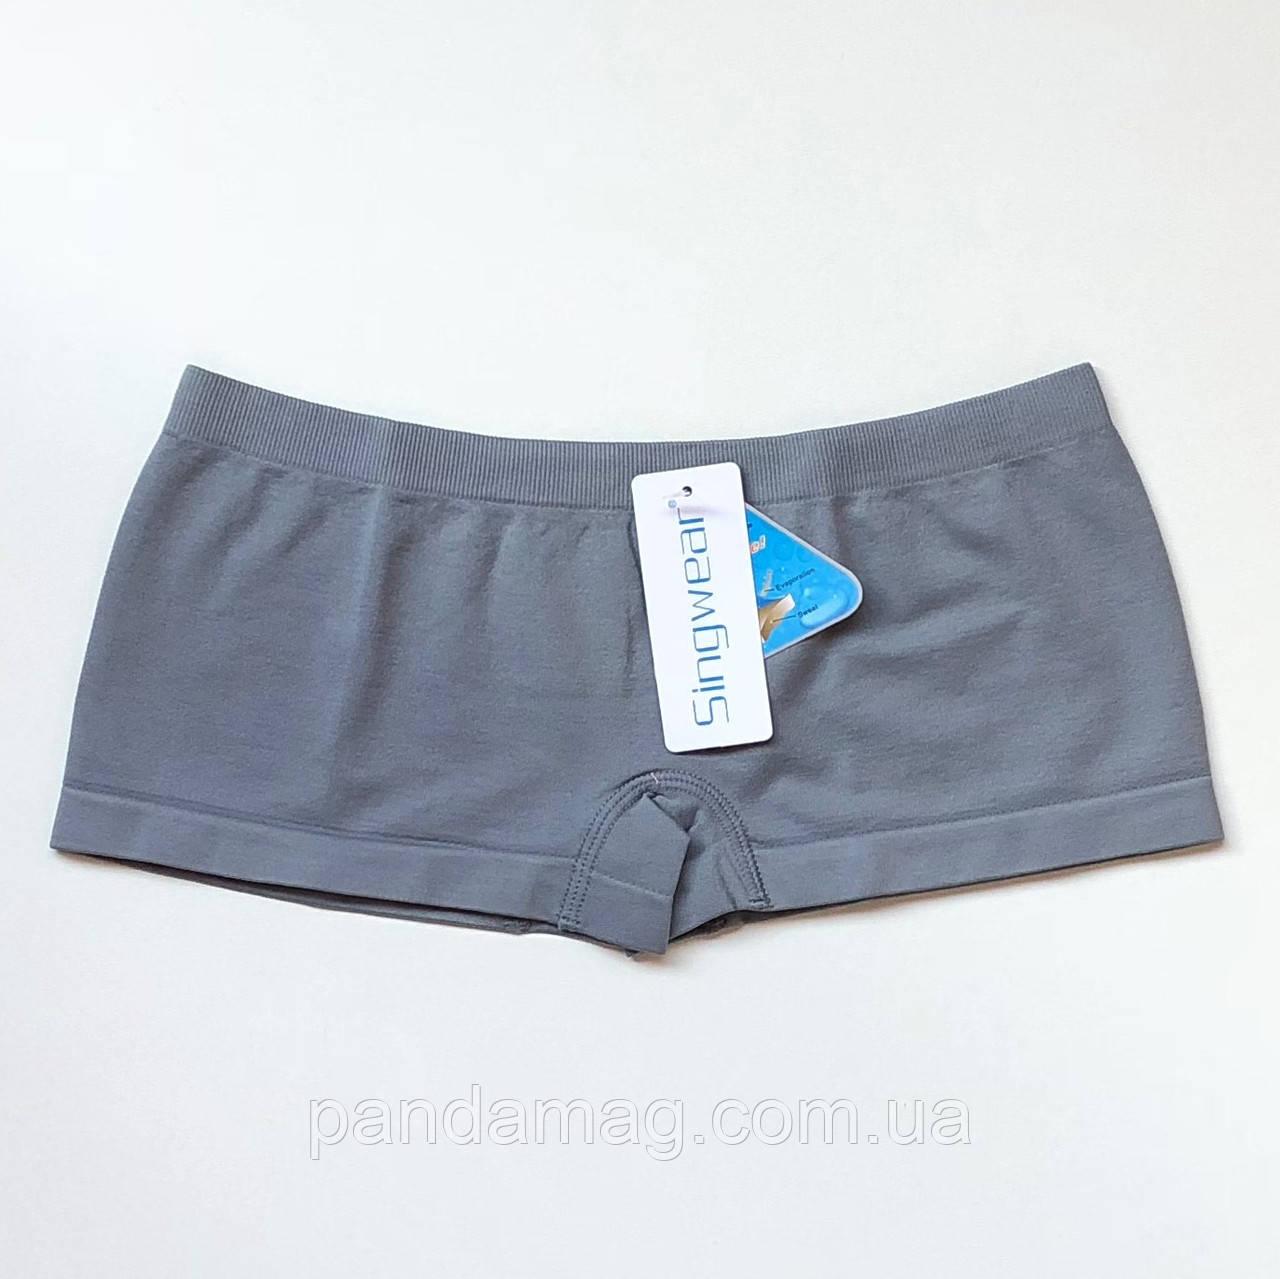 Трусики женские шорты бесшовные серый